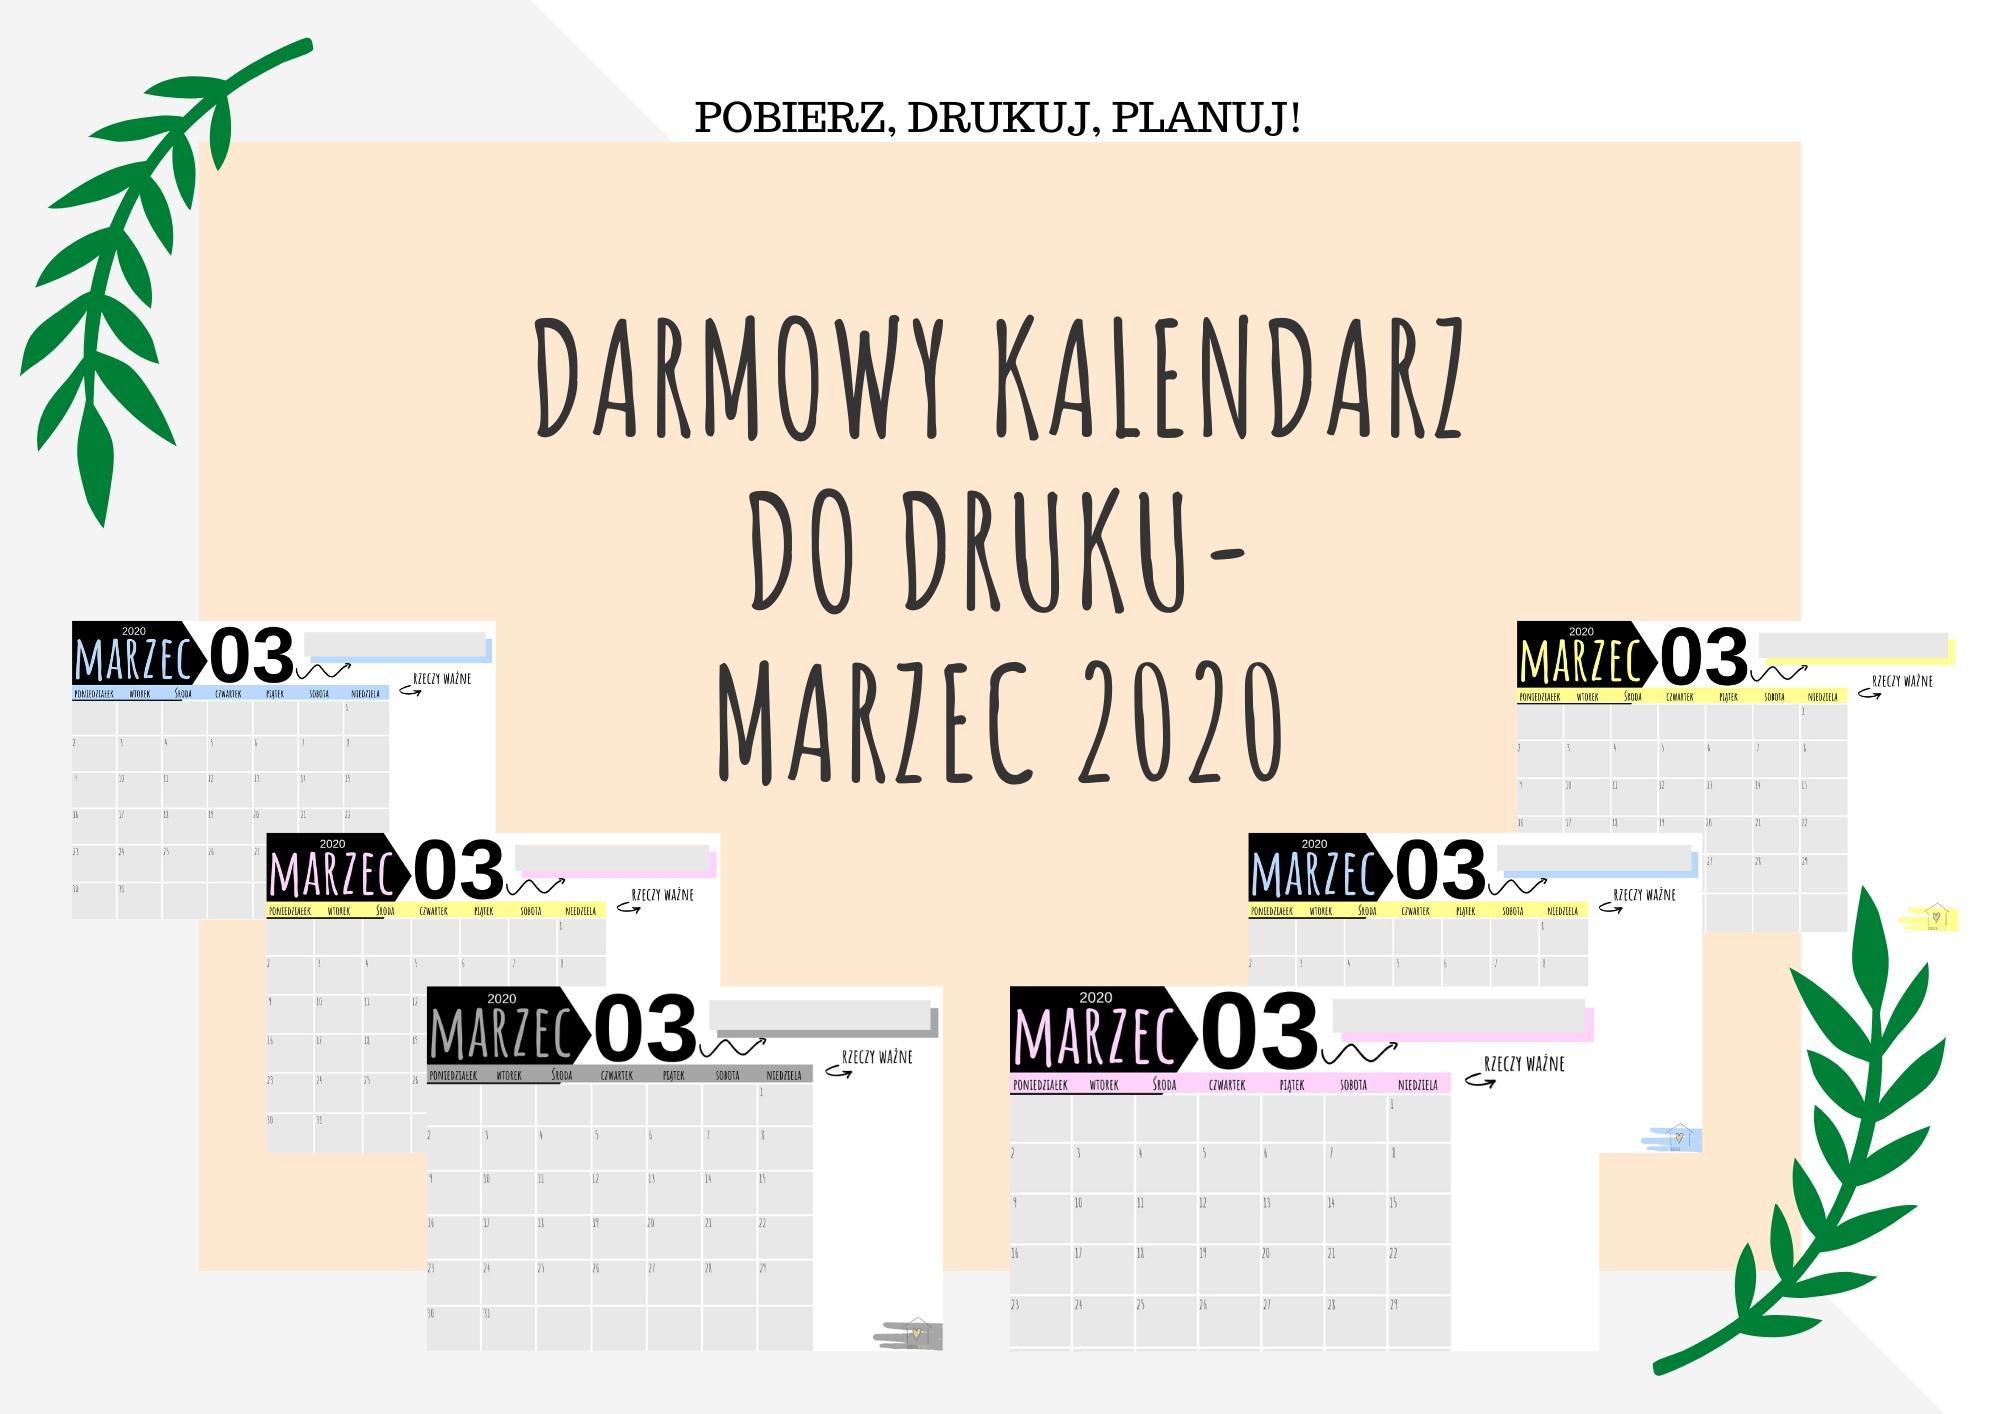 Darmowy kalendarz do druku- MARZEC 2020